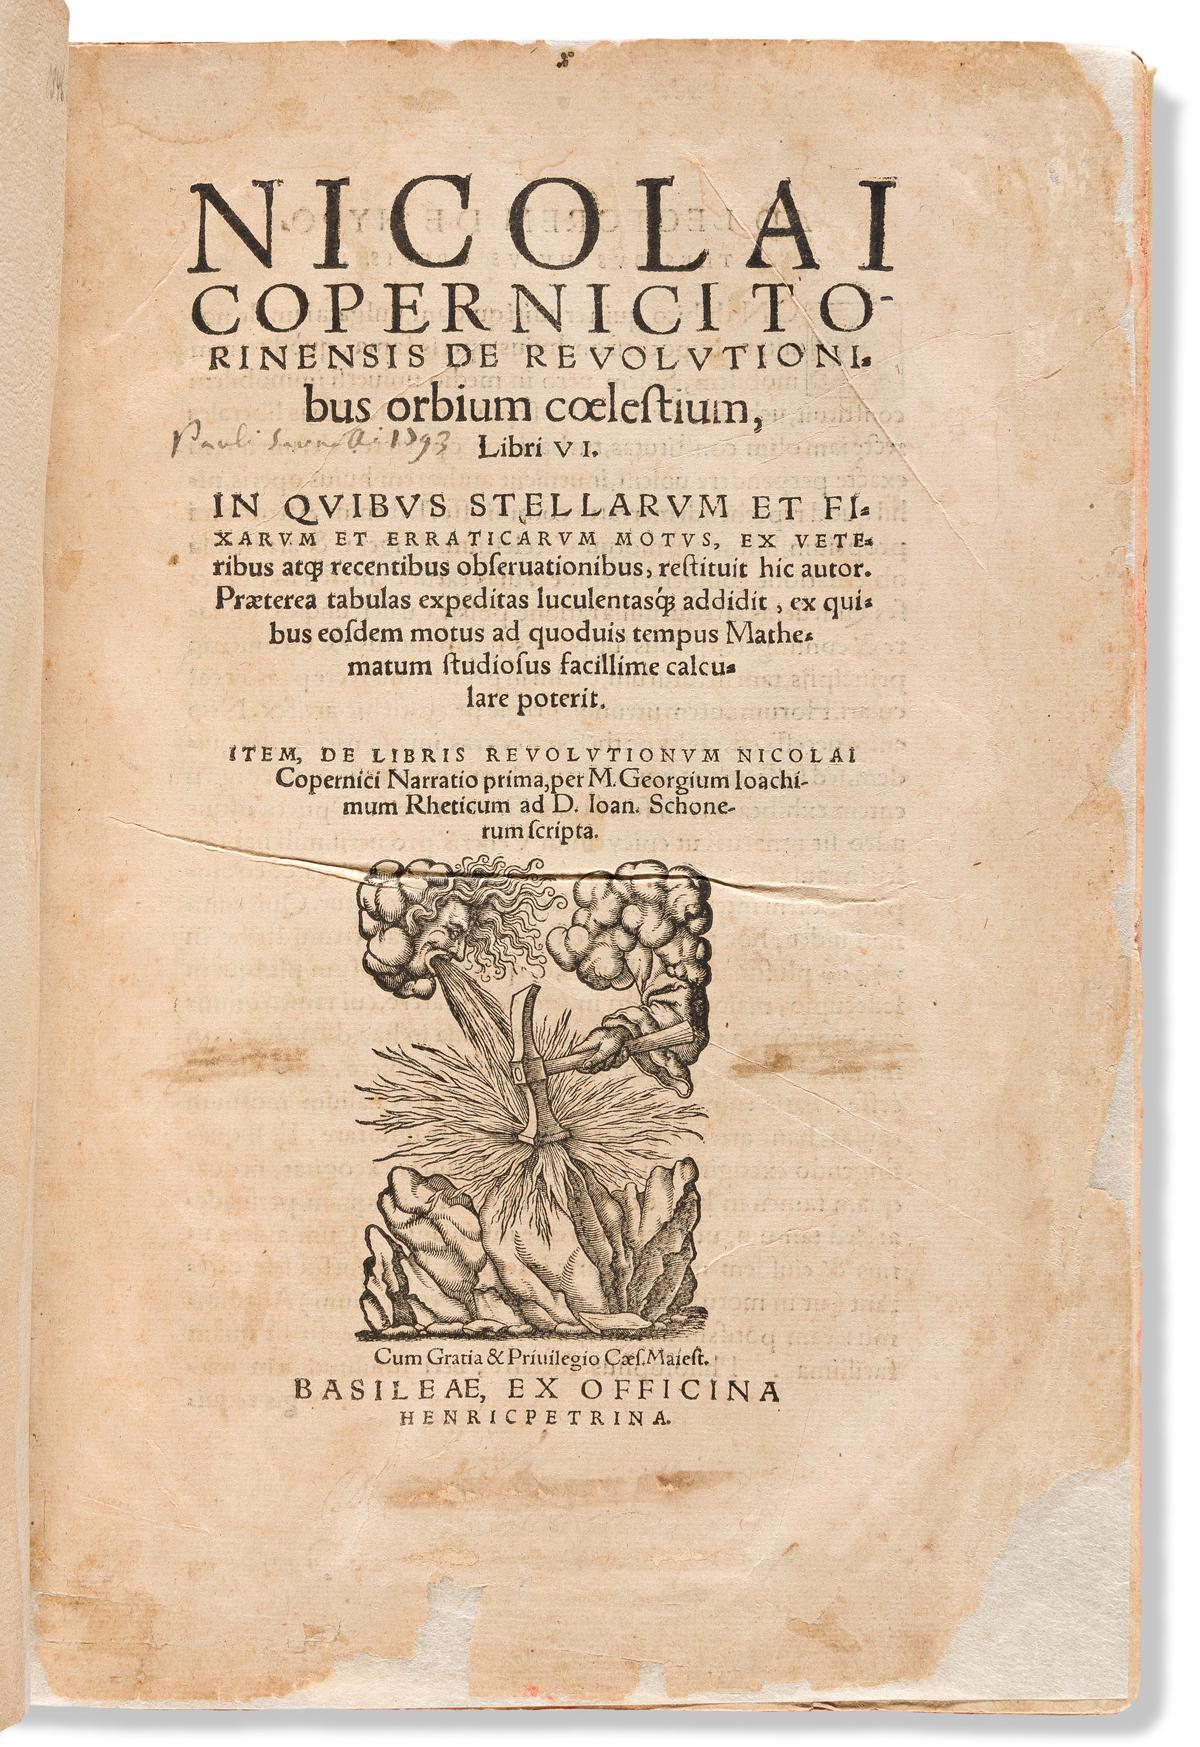 Copernicus, Nicolaus (1473-1543) De Revolutionibus Orbium Coelestium.